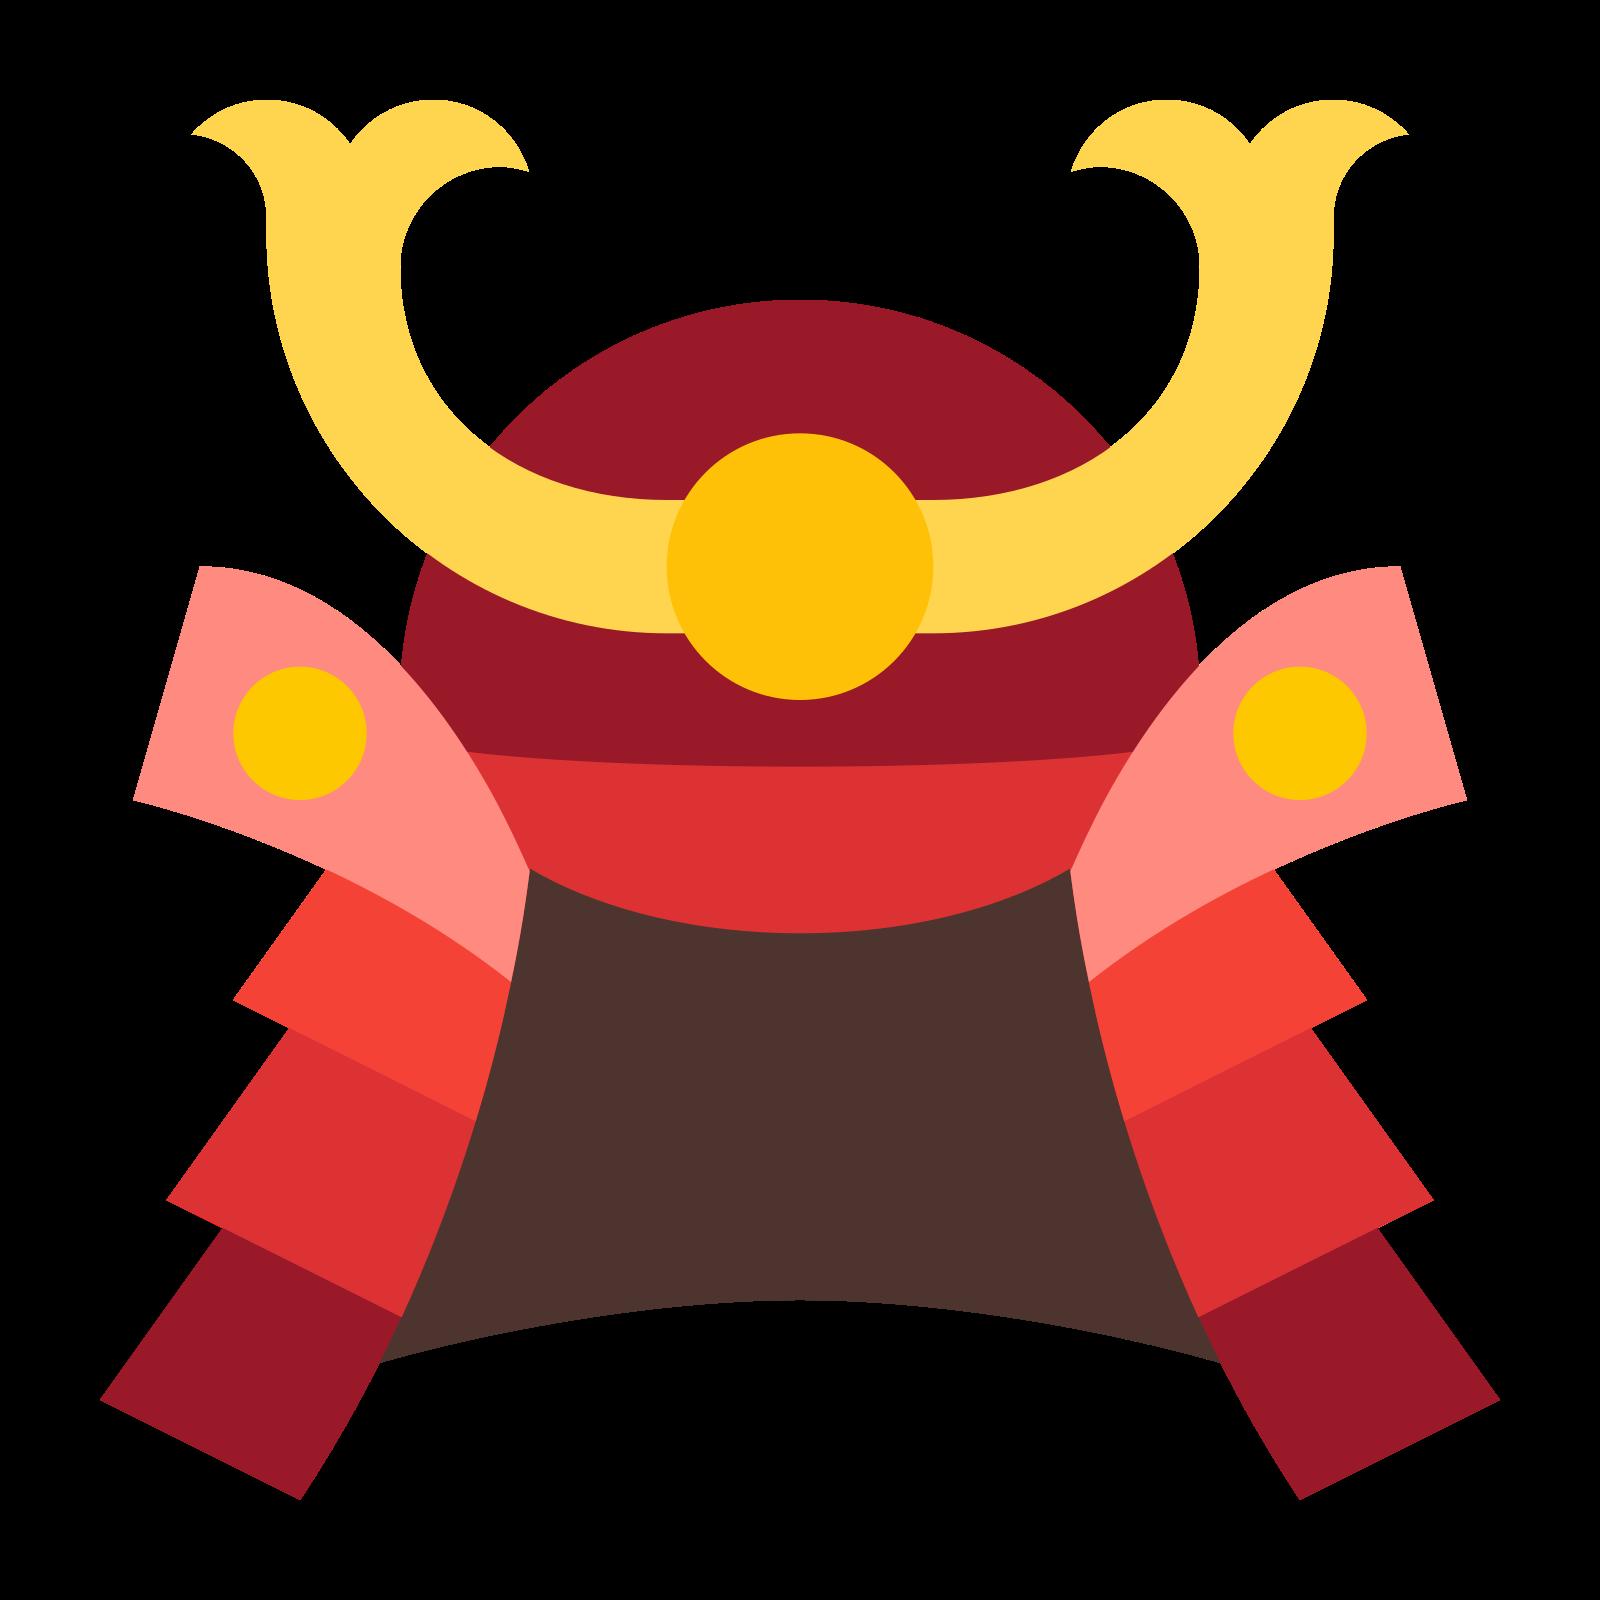 Hełm samuraja icon